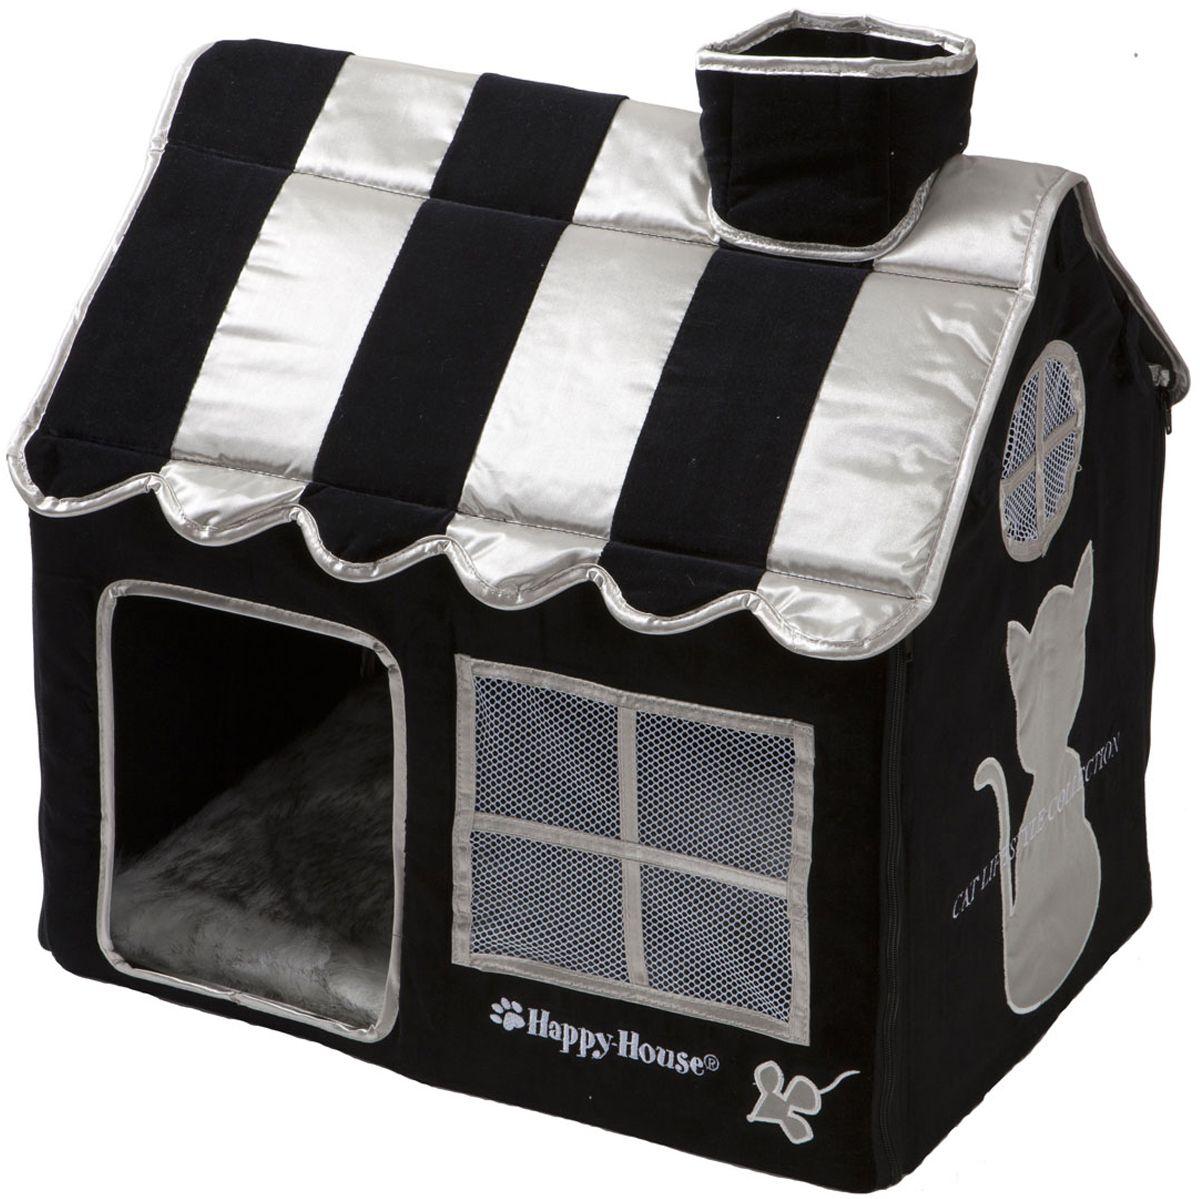 Домик для кошек Happy House Cat Lifestyle, цвет: черный, 52 х 36 х 49 см8475-3Большой, уютный домик Happy House Cat Lifestyle, выполненный из полиэстера и картона, отлично подойдет для вашего любимца. Такой домик станет не только идеальным местом для сна вашего питомца, но и местом для отдыха. Внутрь домика ведет квадратное отверстие. Мягкий домик с оригинальным дизайном имеет сборную конструкцию, что облегчит его транспортировку и хранение. Внутри имеется съемная подушка из искусственного меха. Размер домика: 52 х 36 х 49 см.